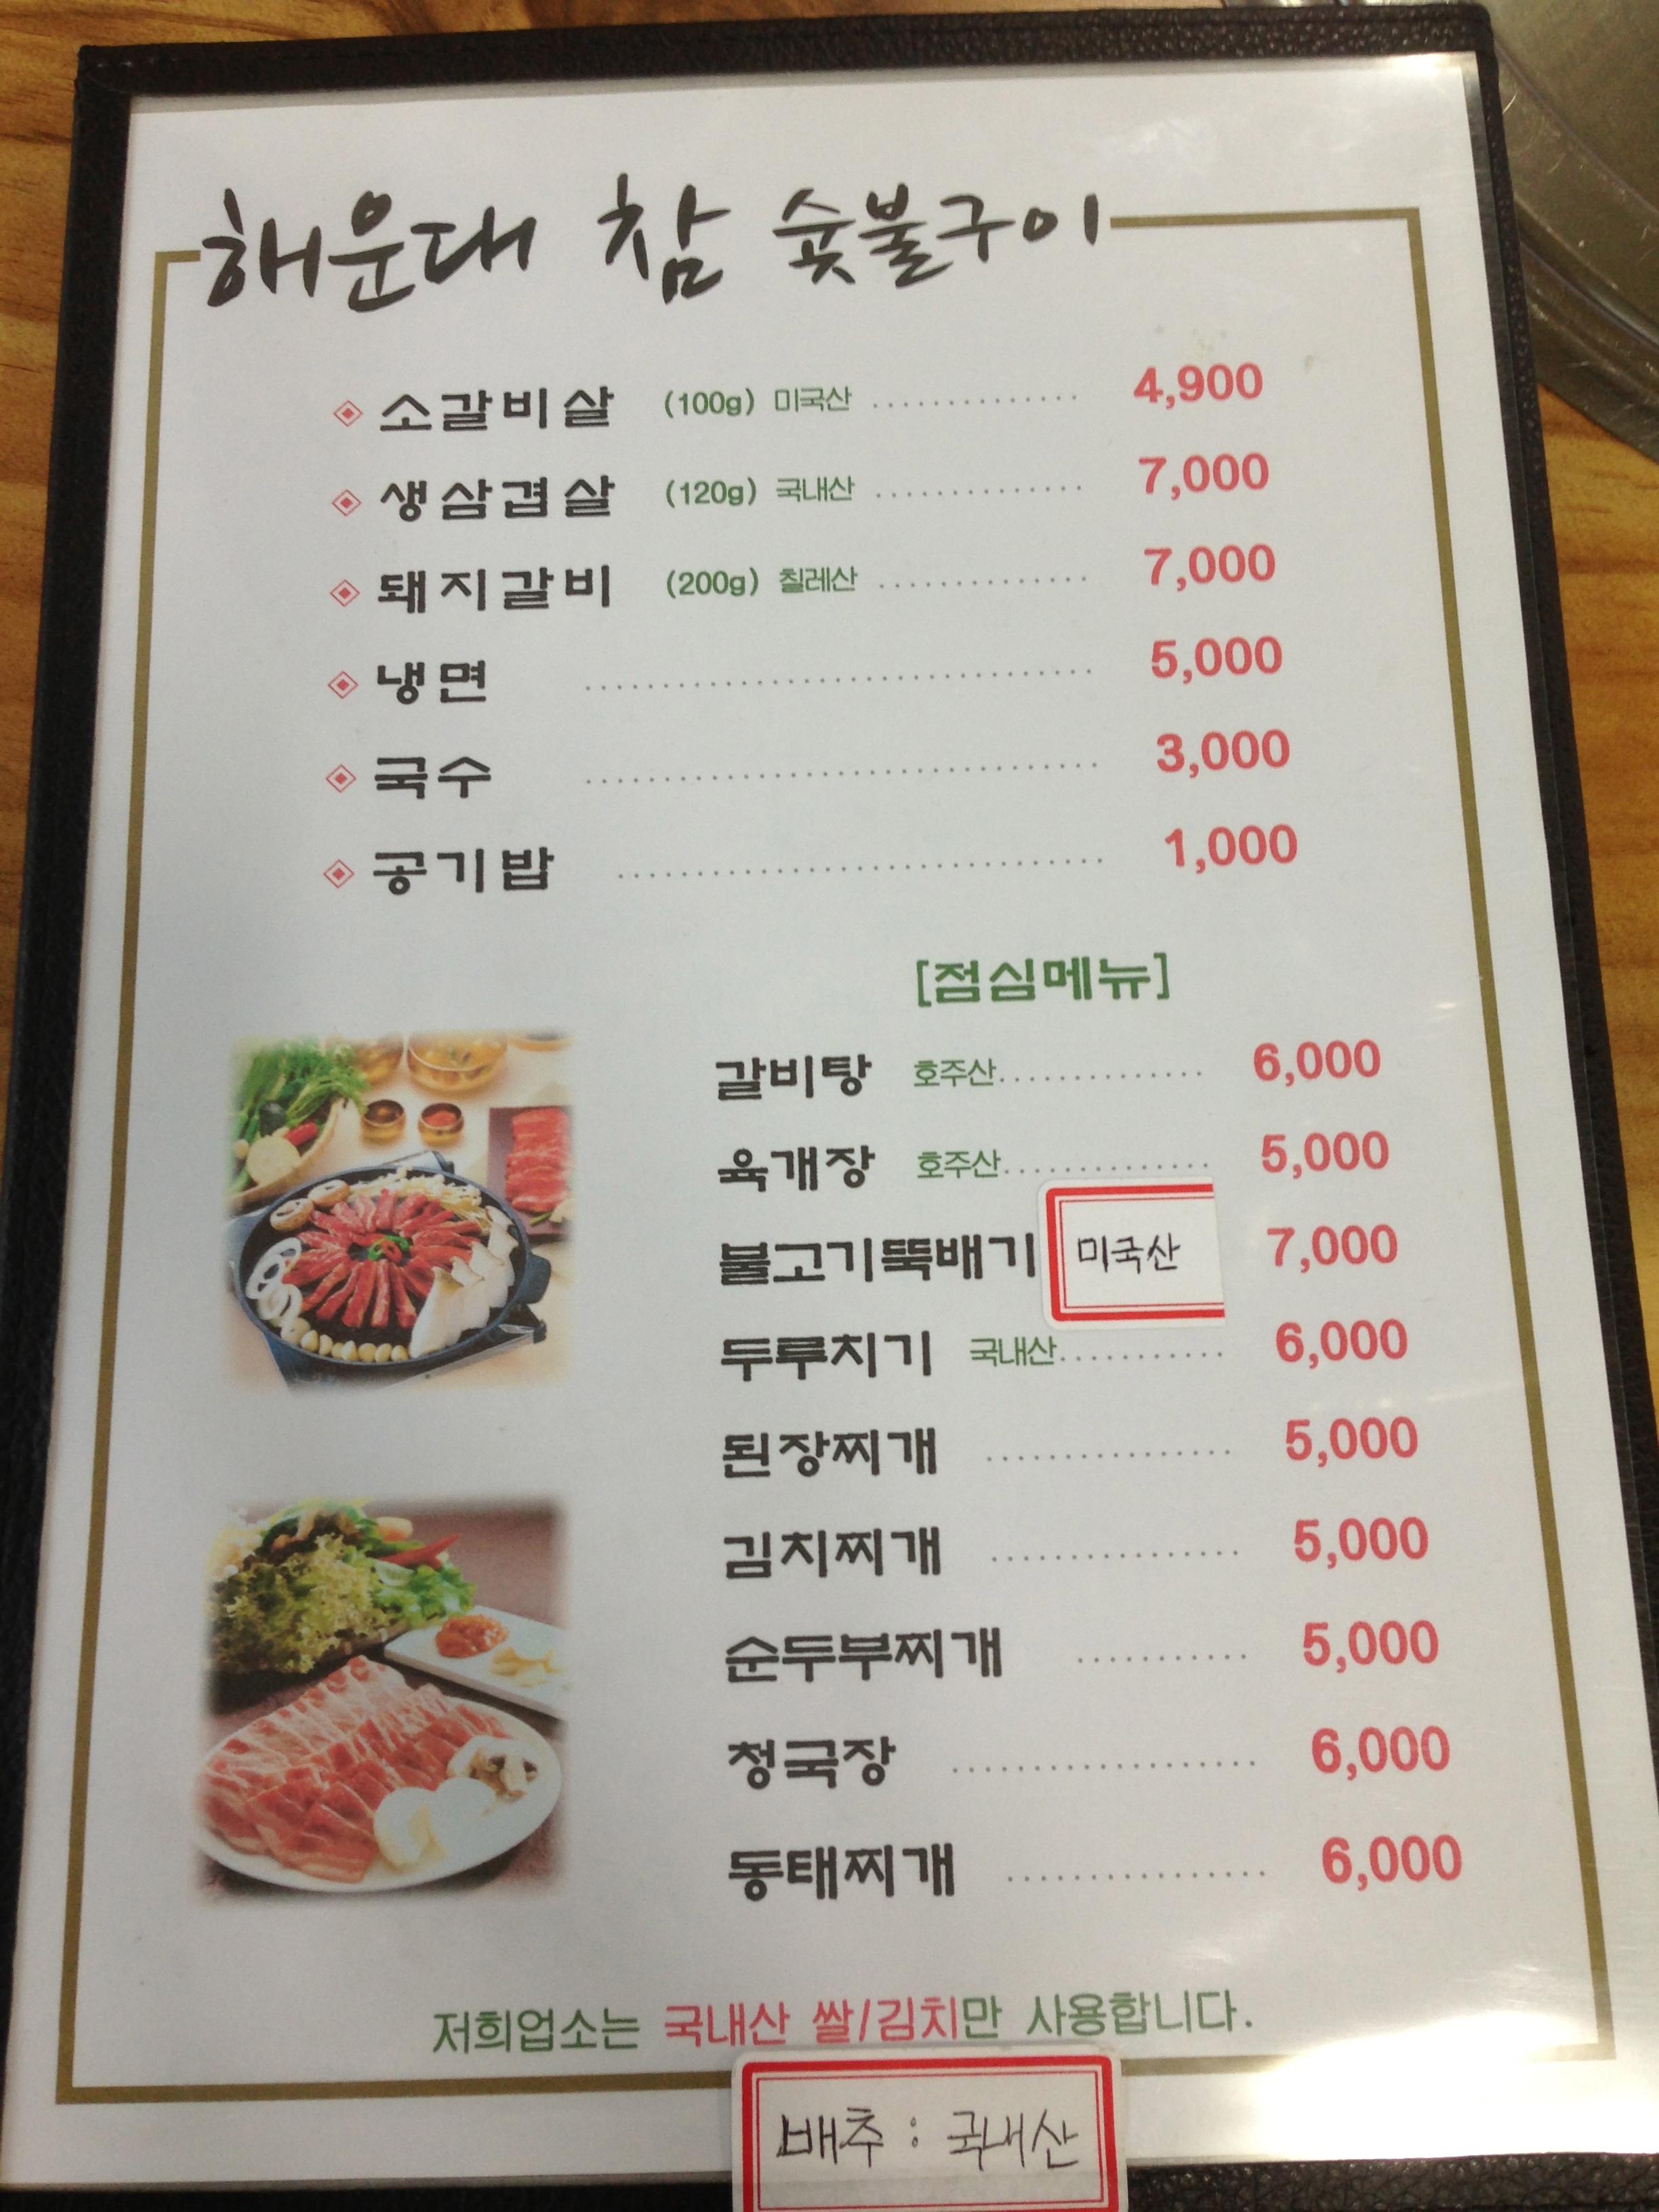 So gal bi sal beef 4 900 won per 100 grams